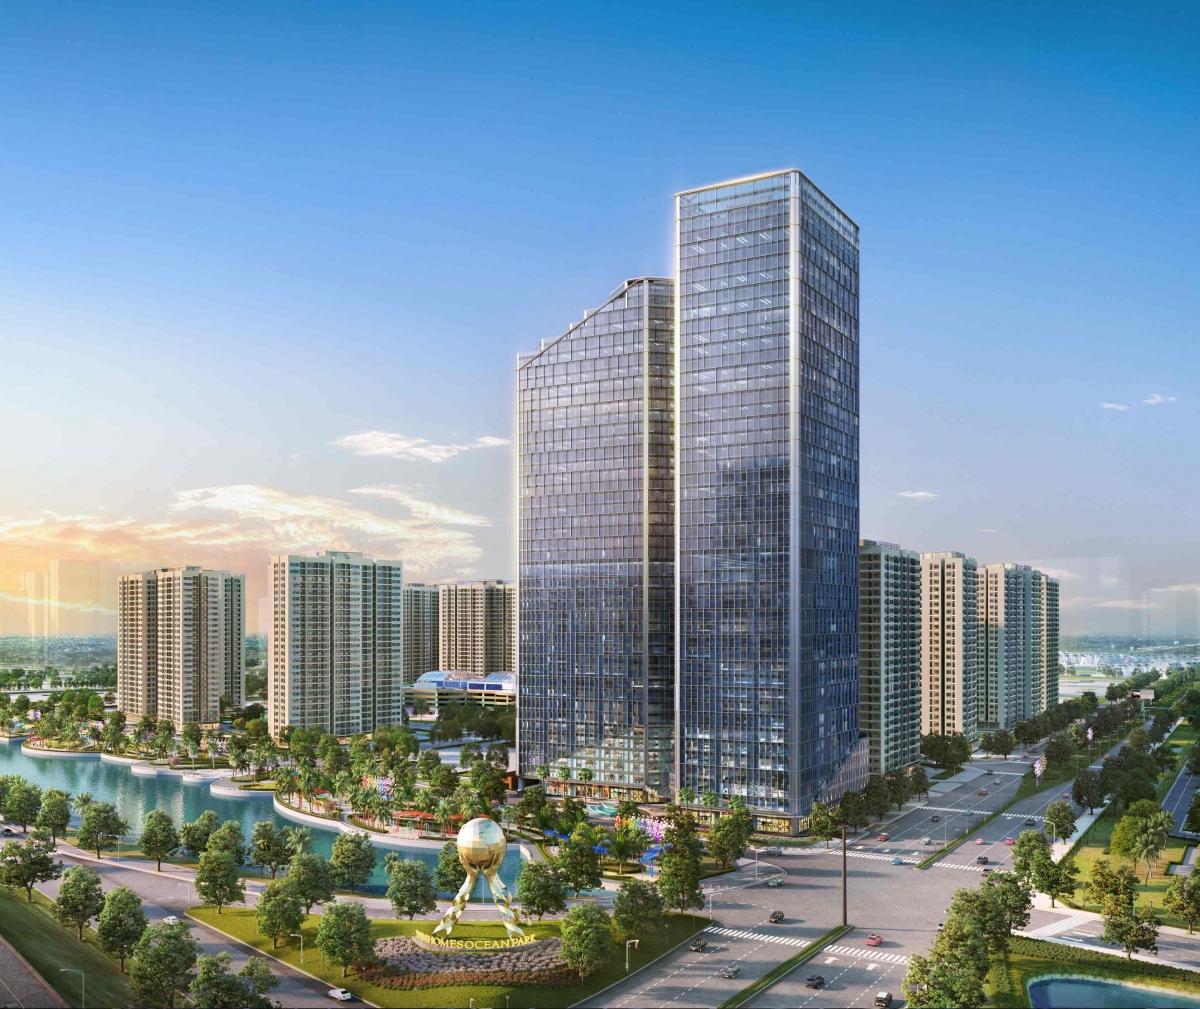 TechnoPark Tower - tòa văn phòng thông minh 45 tầng tại Vinhomes Ocean Park được trang bị trang bị hệ thống pin năng lượng mặt trời như Apple Park và có các bể nước mưa để tái sử dụng tưới cây, vệ sinh tòa nhà.